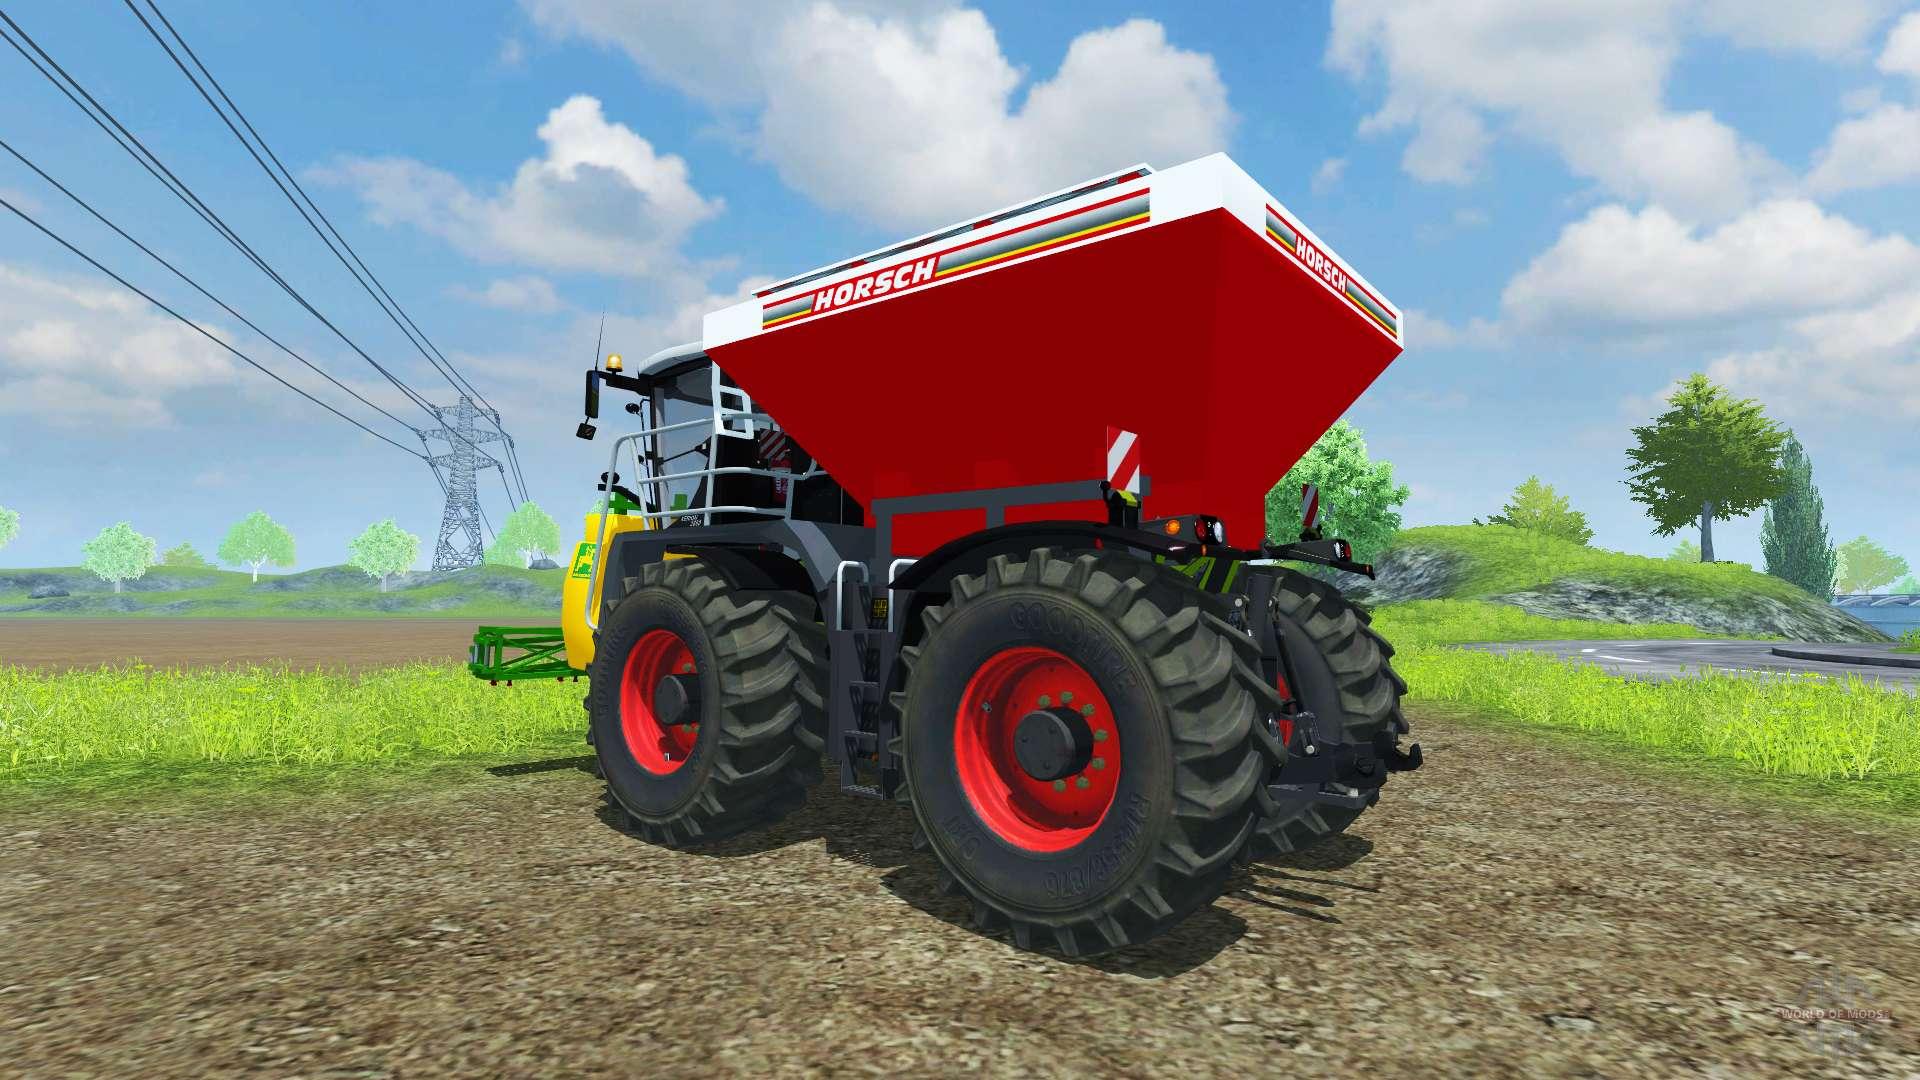 tanque de horsch para farming simulator 2013 está diseñado para el